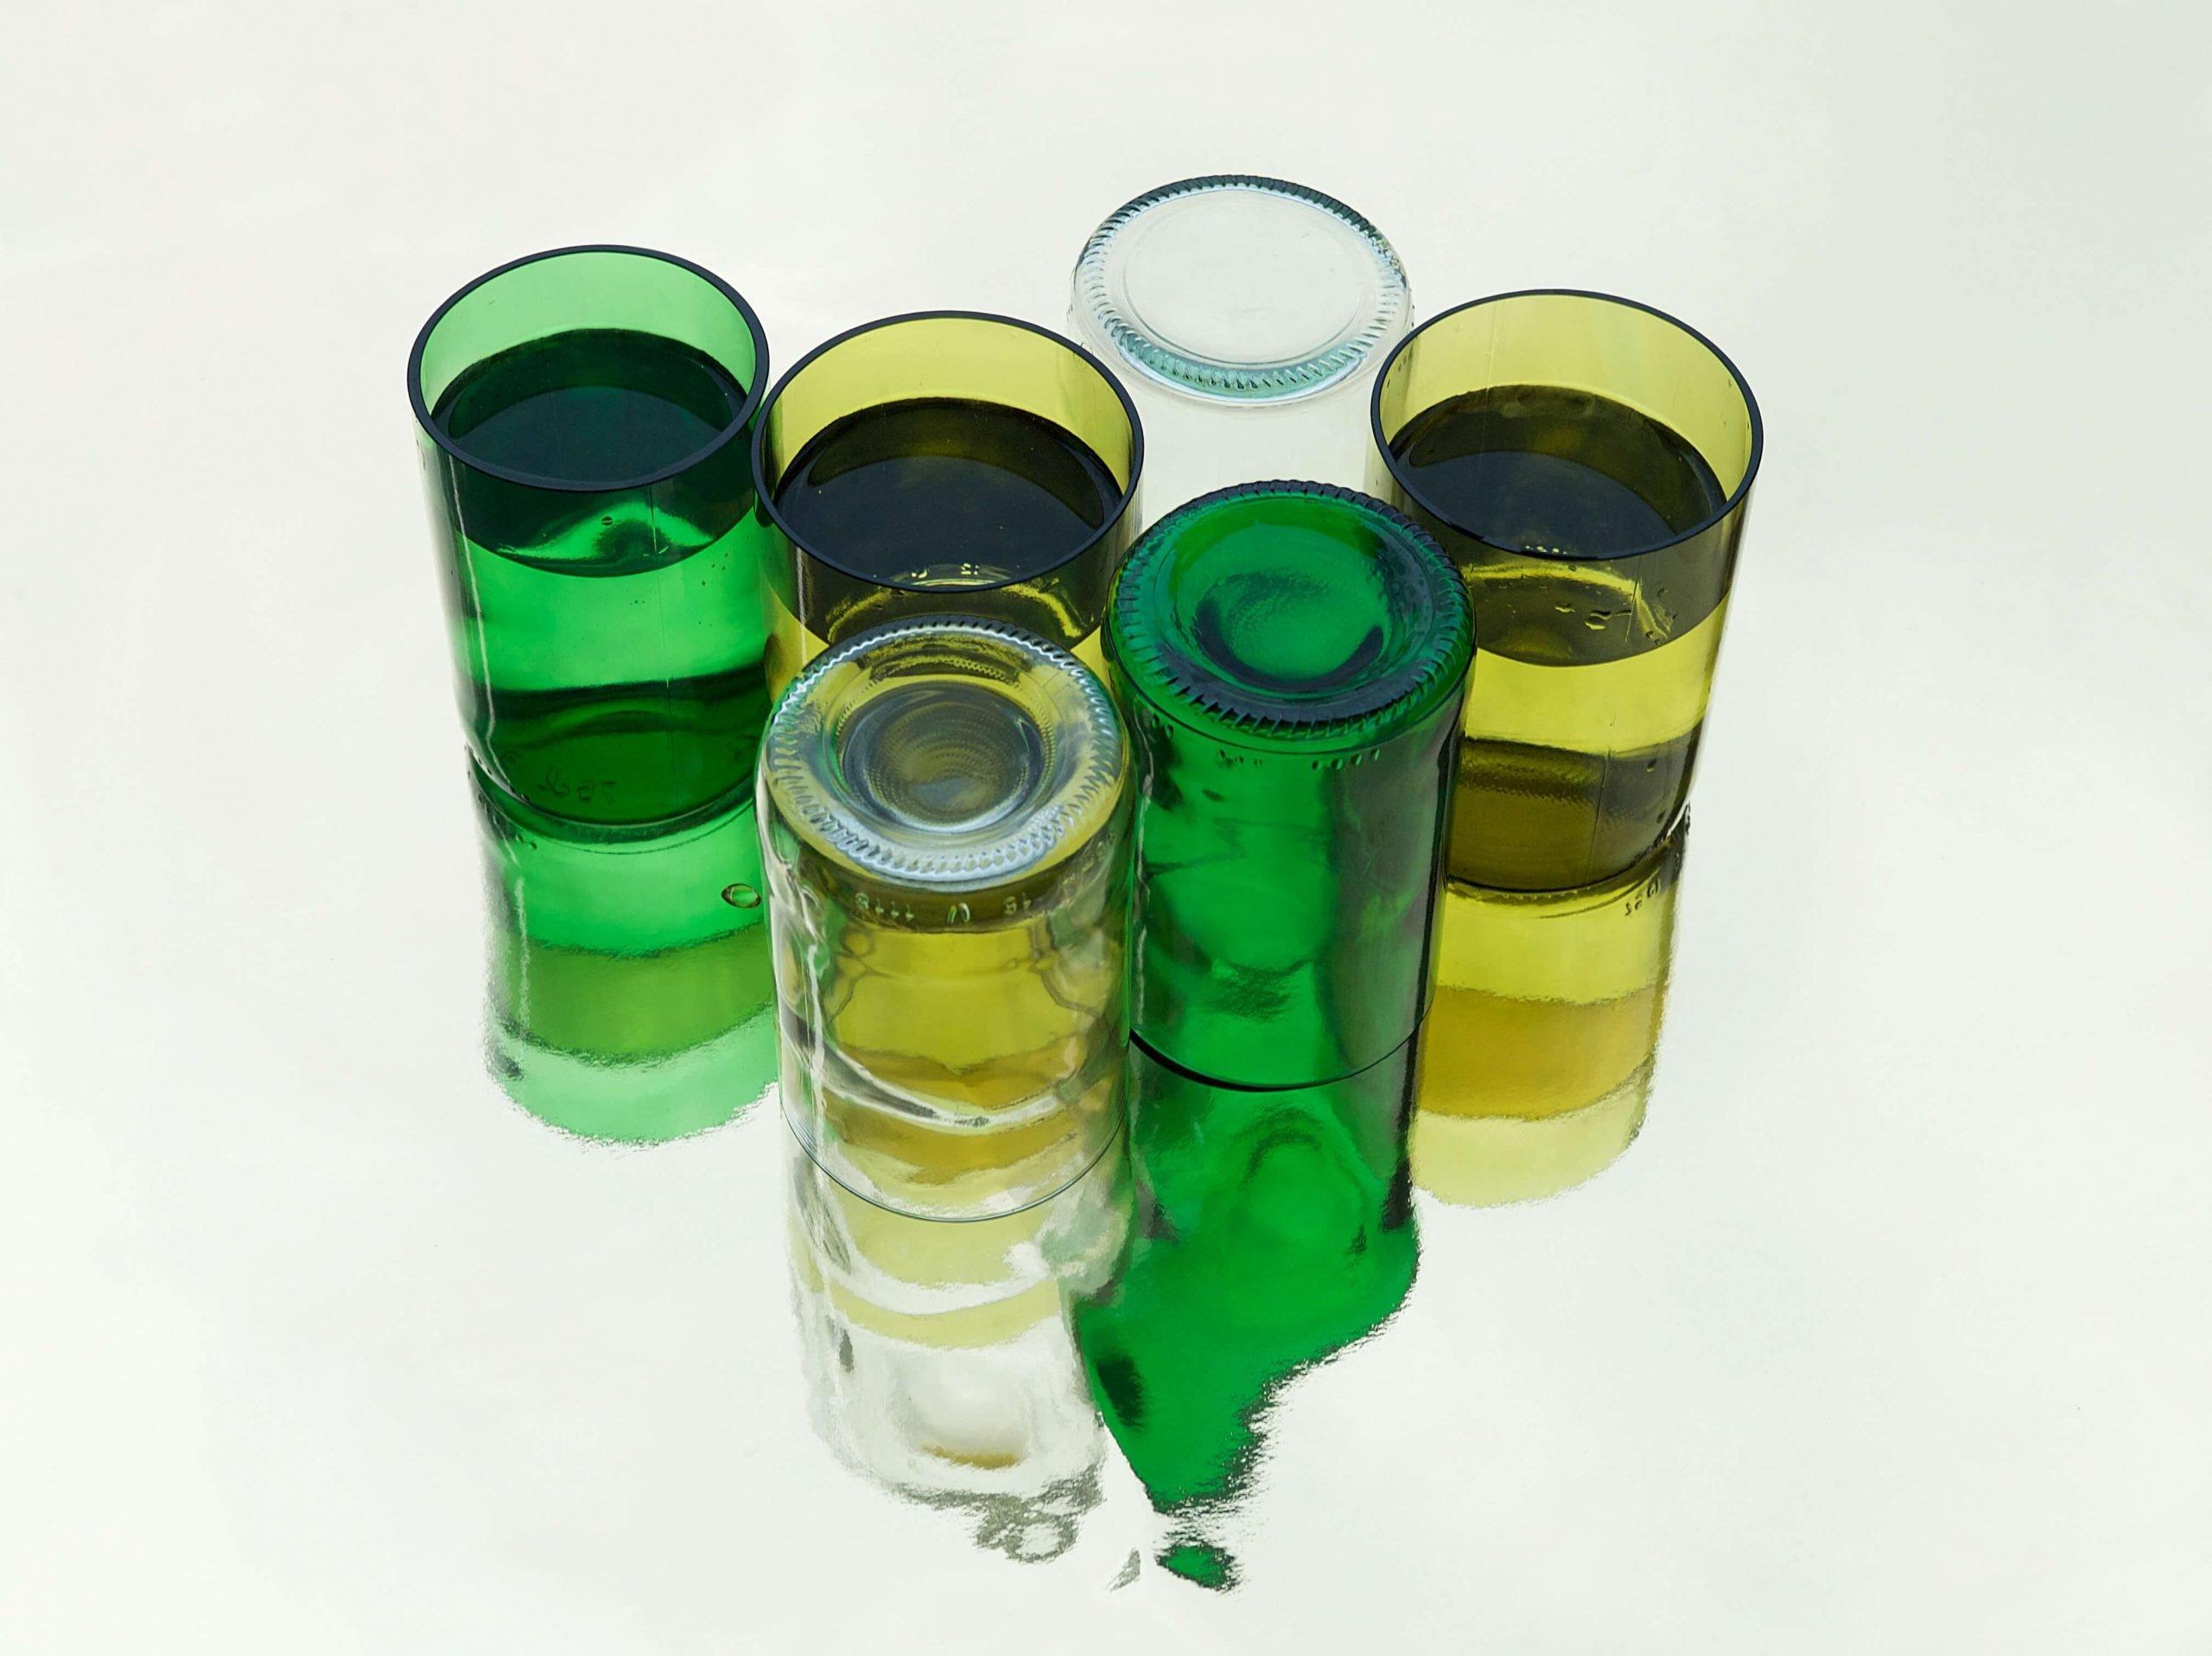 Rebottled gekleurde drinkglazen bij Studio Perspective